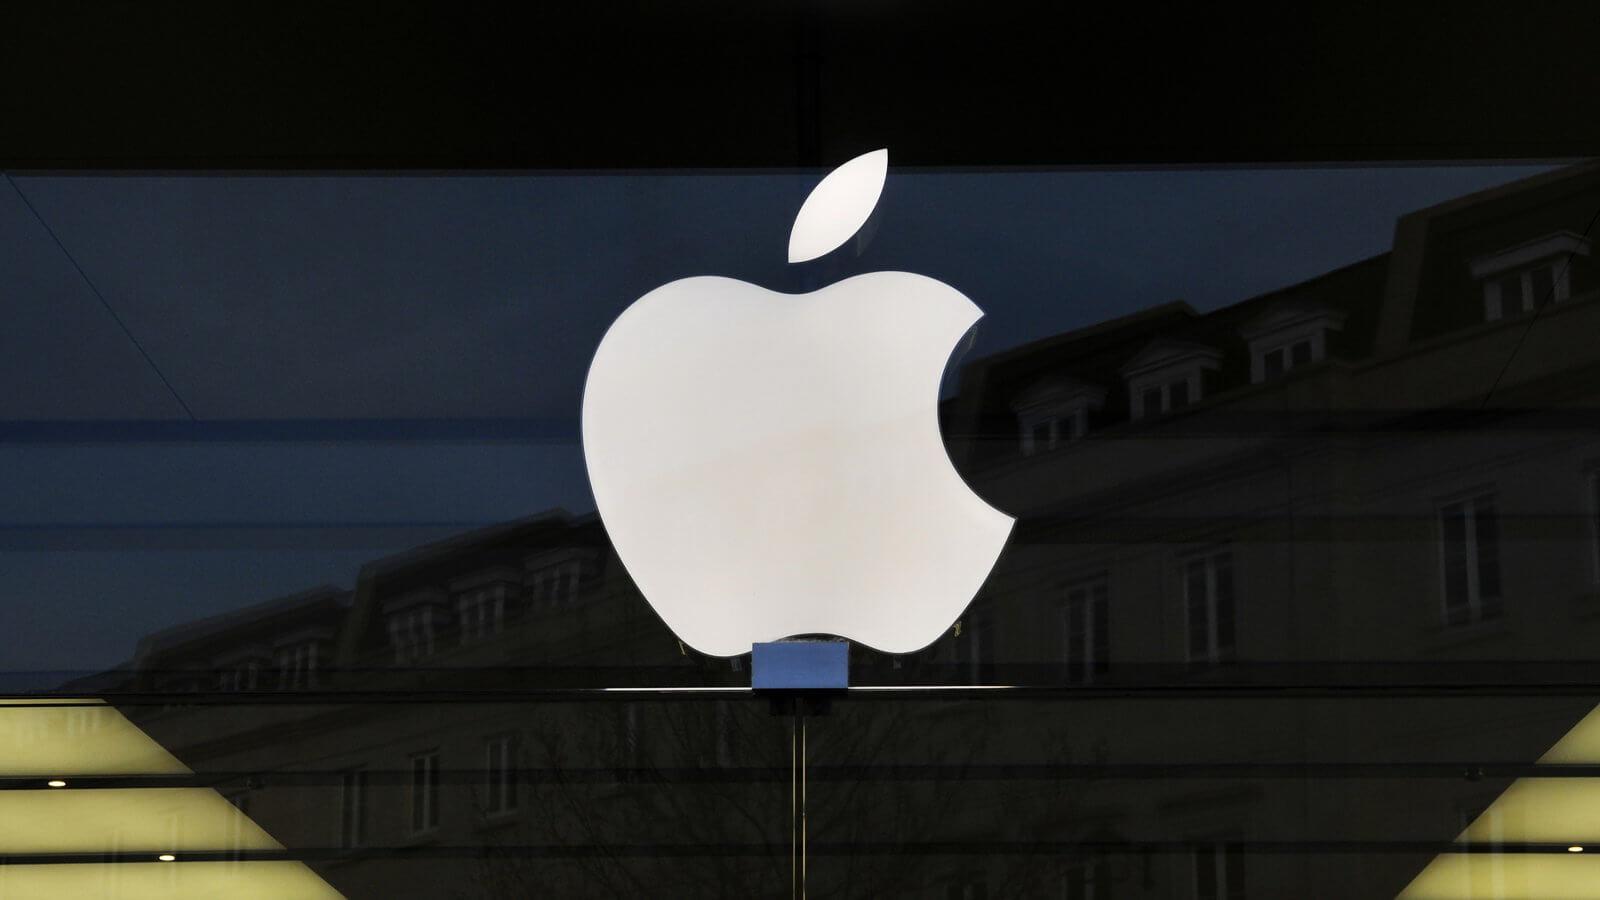 Вот почему нельзя давать пароль от iPhone даже сотрудникам Apple